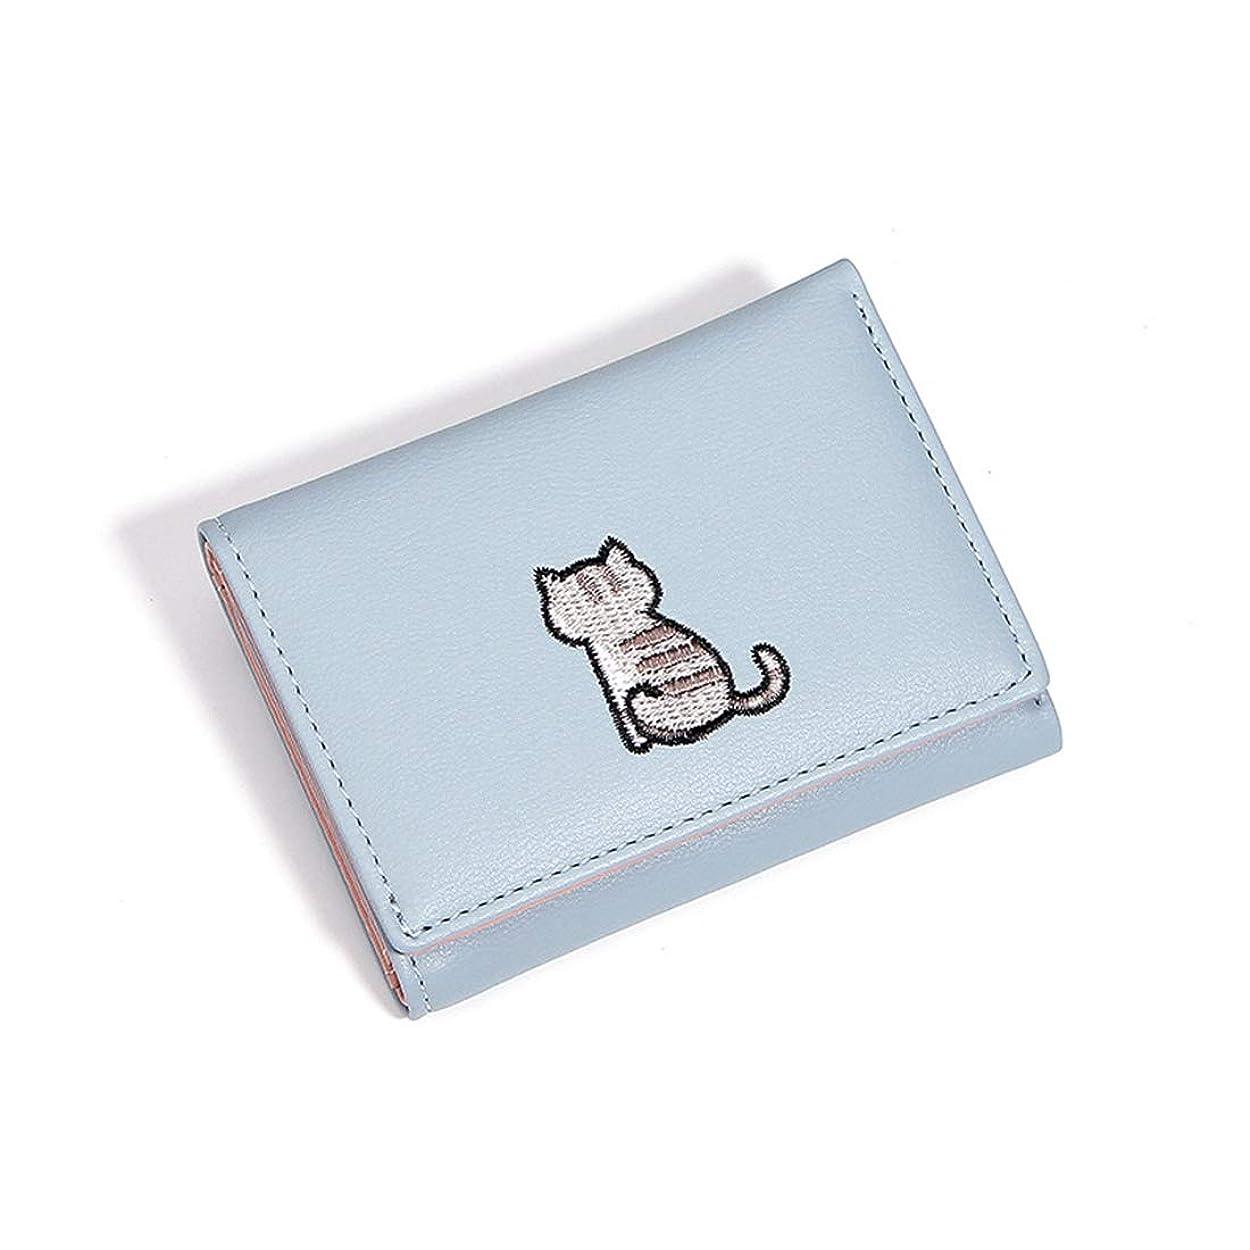 楽観的リンクホール財布 三つ折り レディース シンプル ミニ 可愛い 猫柄 おしゃれ ウォレット 小銭入れ カード入れ 札入れ 誕生日 感謝の日 学生 グリーン ブルー ブラック ピンク グレー シルバー